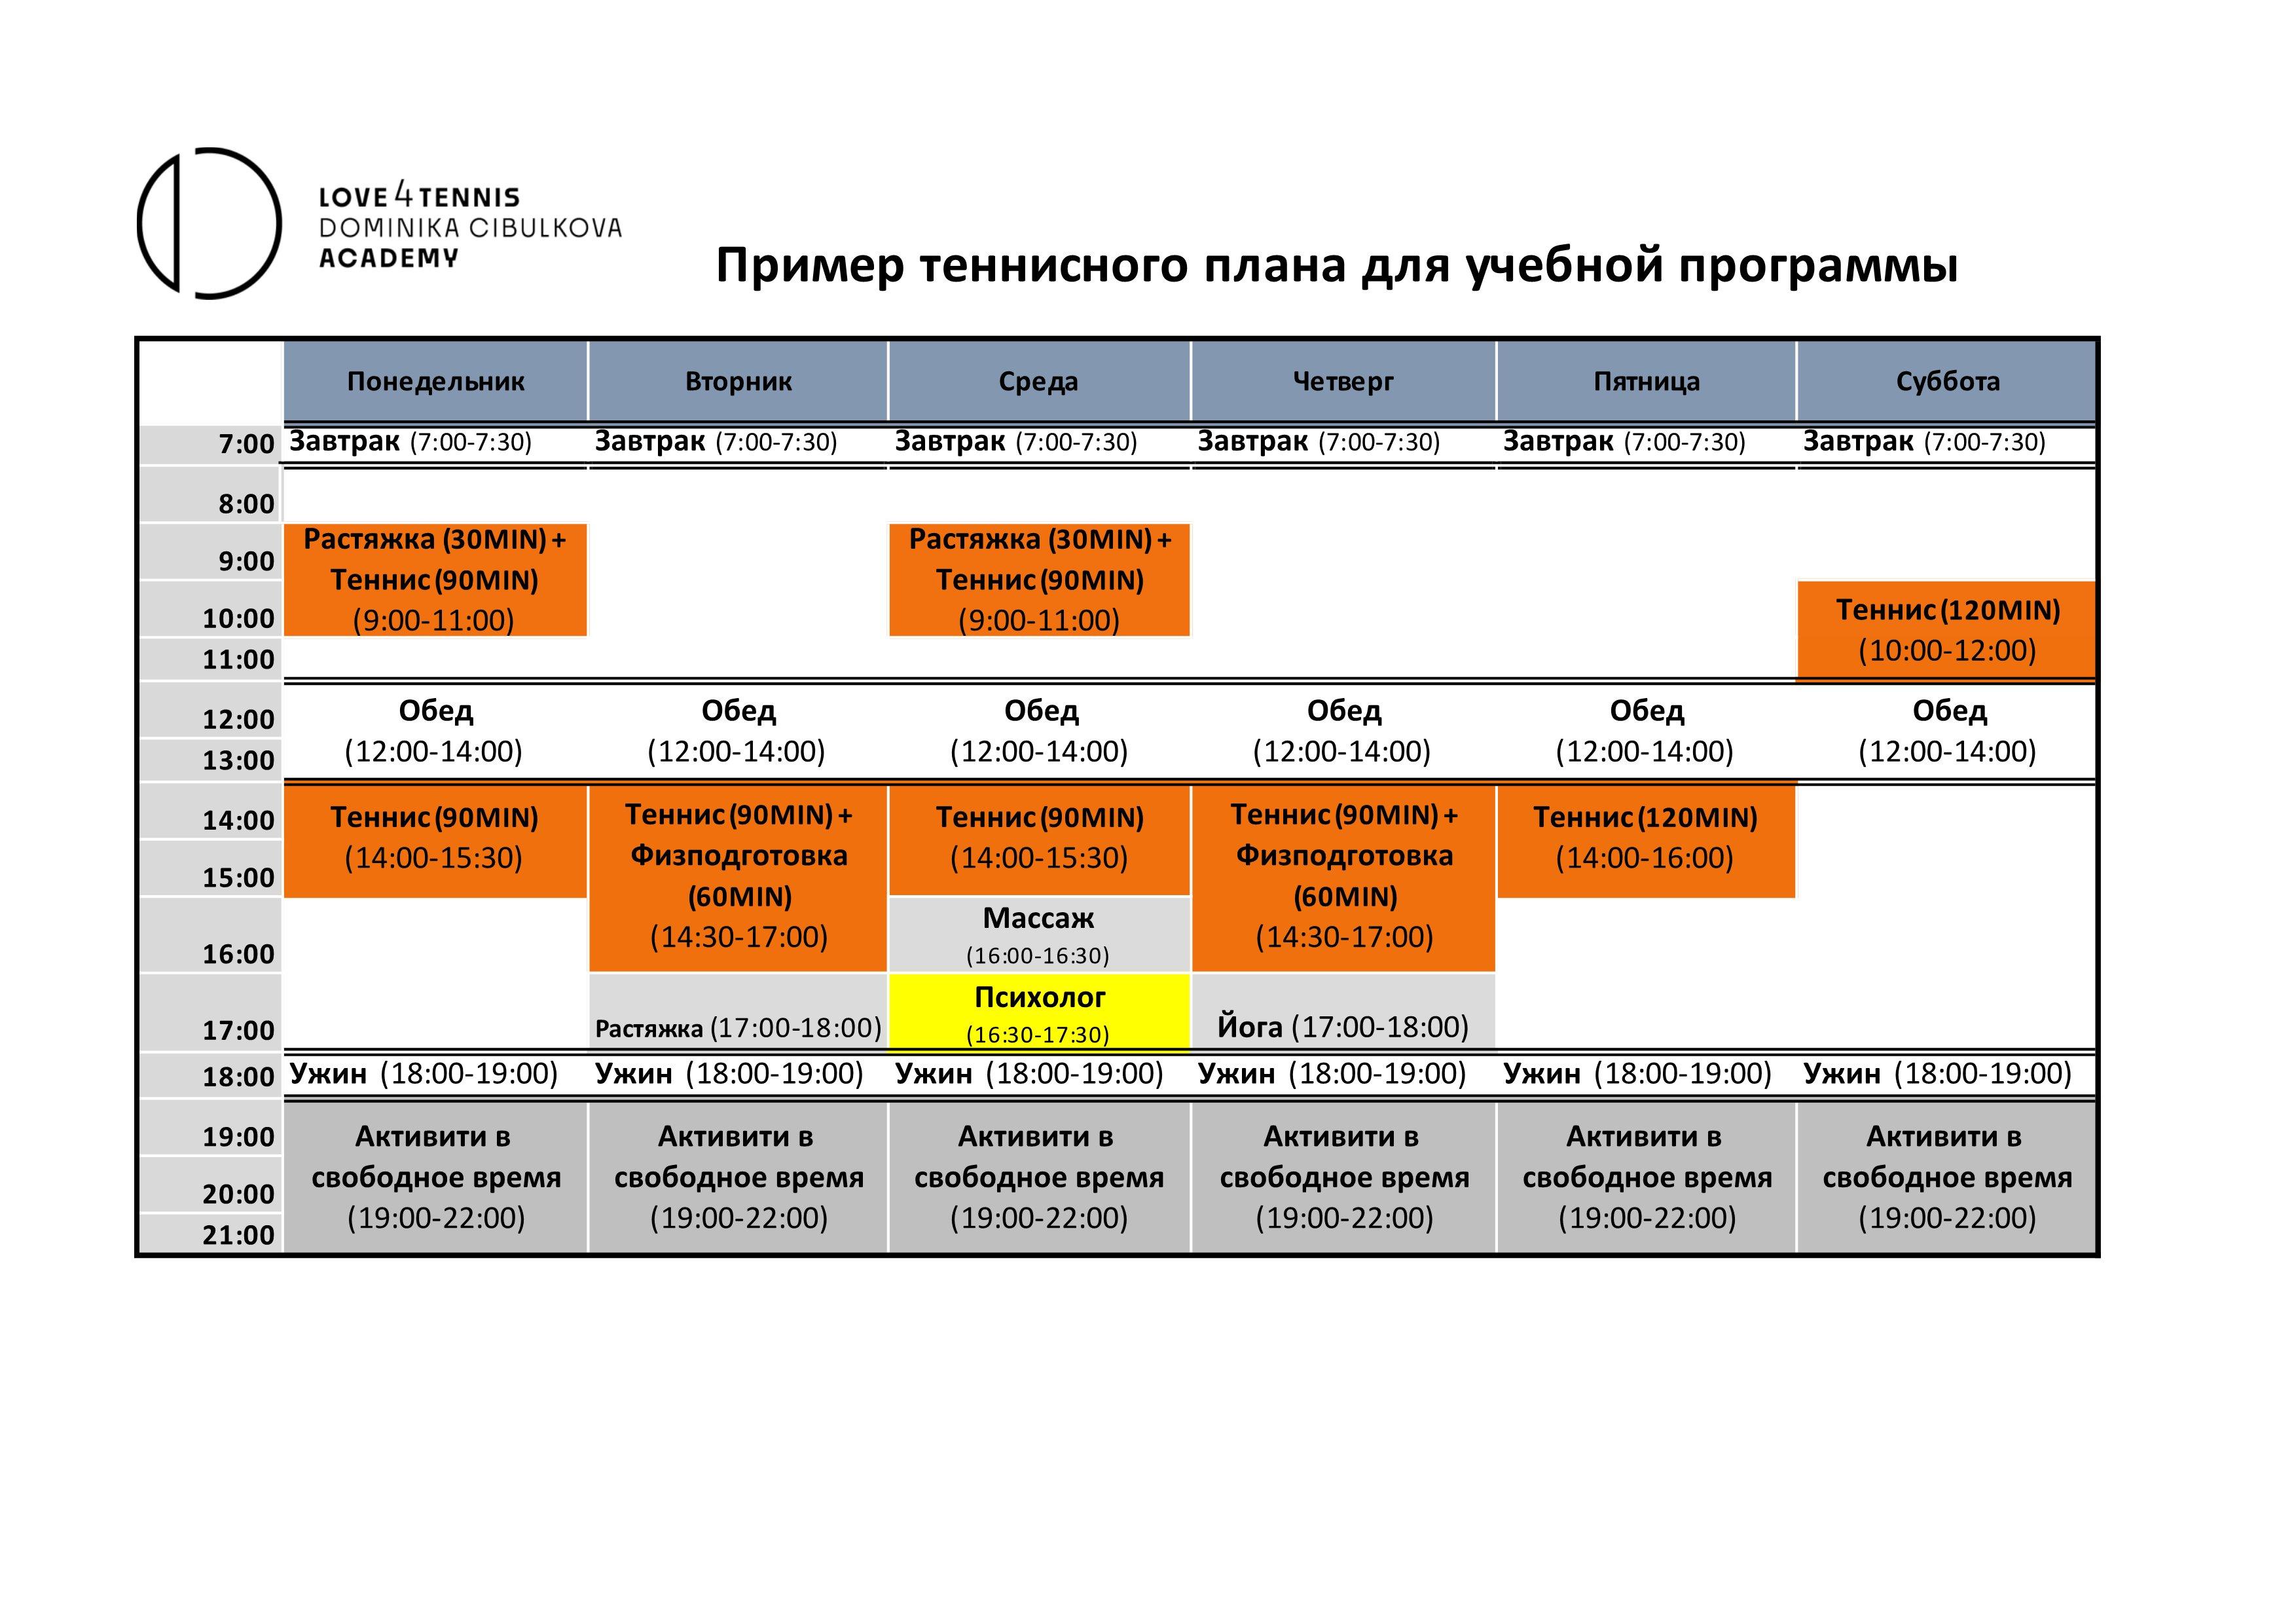 skolsky rus opraveny